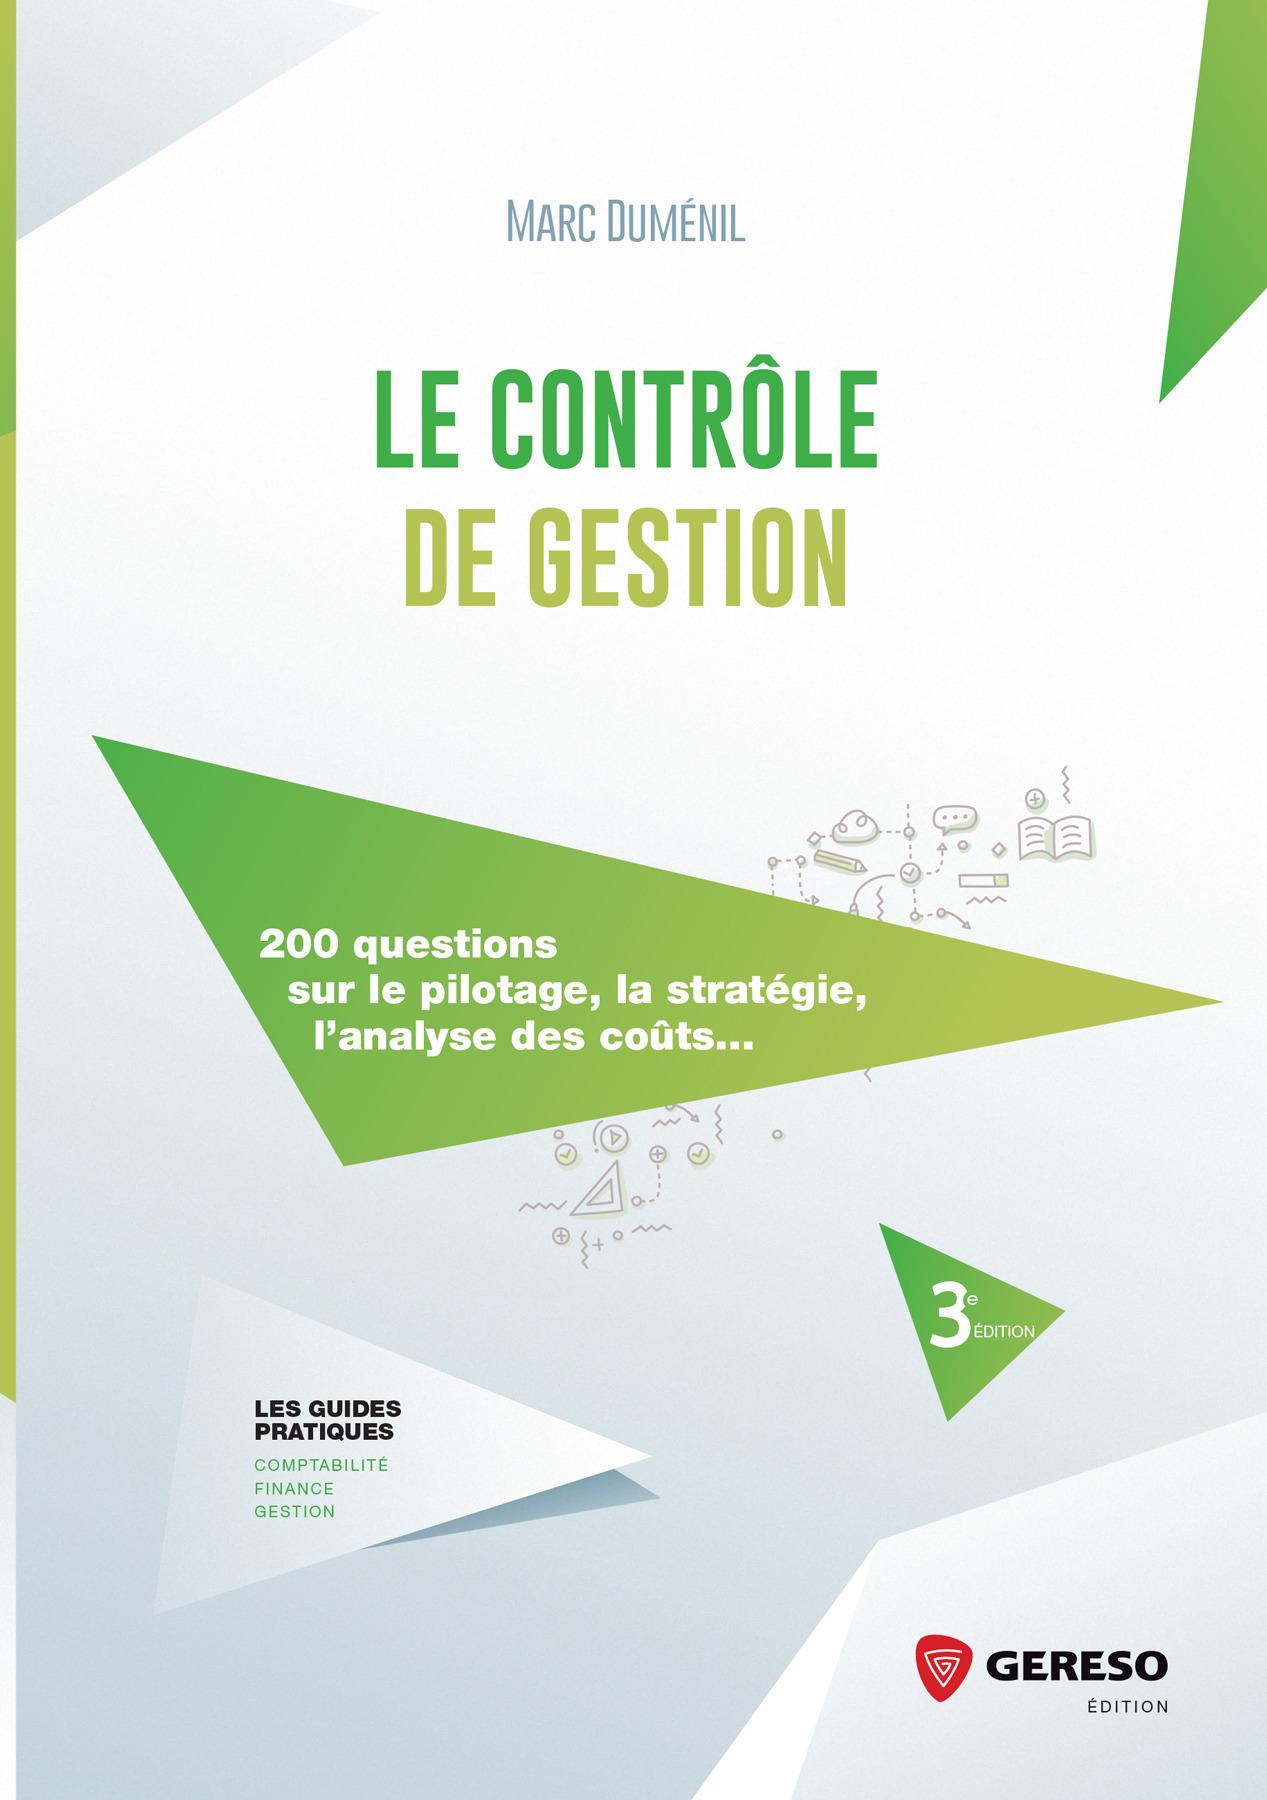 Le contrôle de gestion (3e édition)